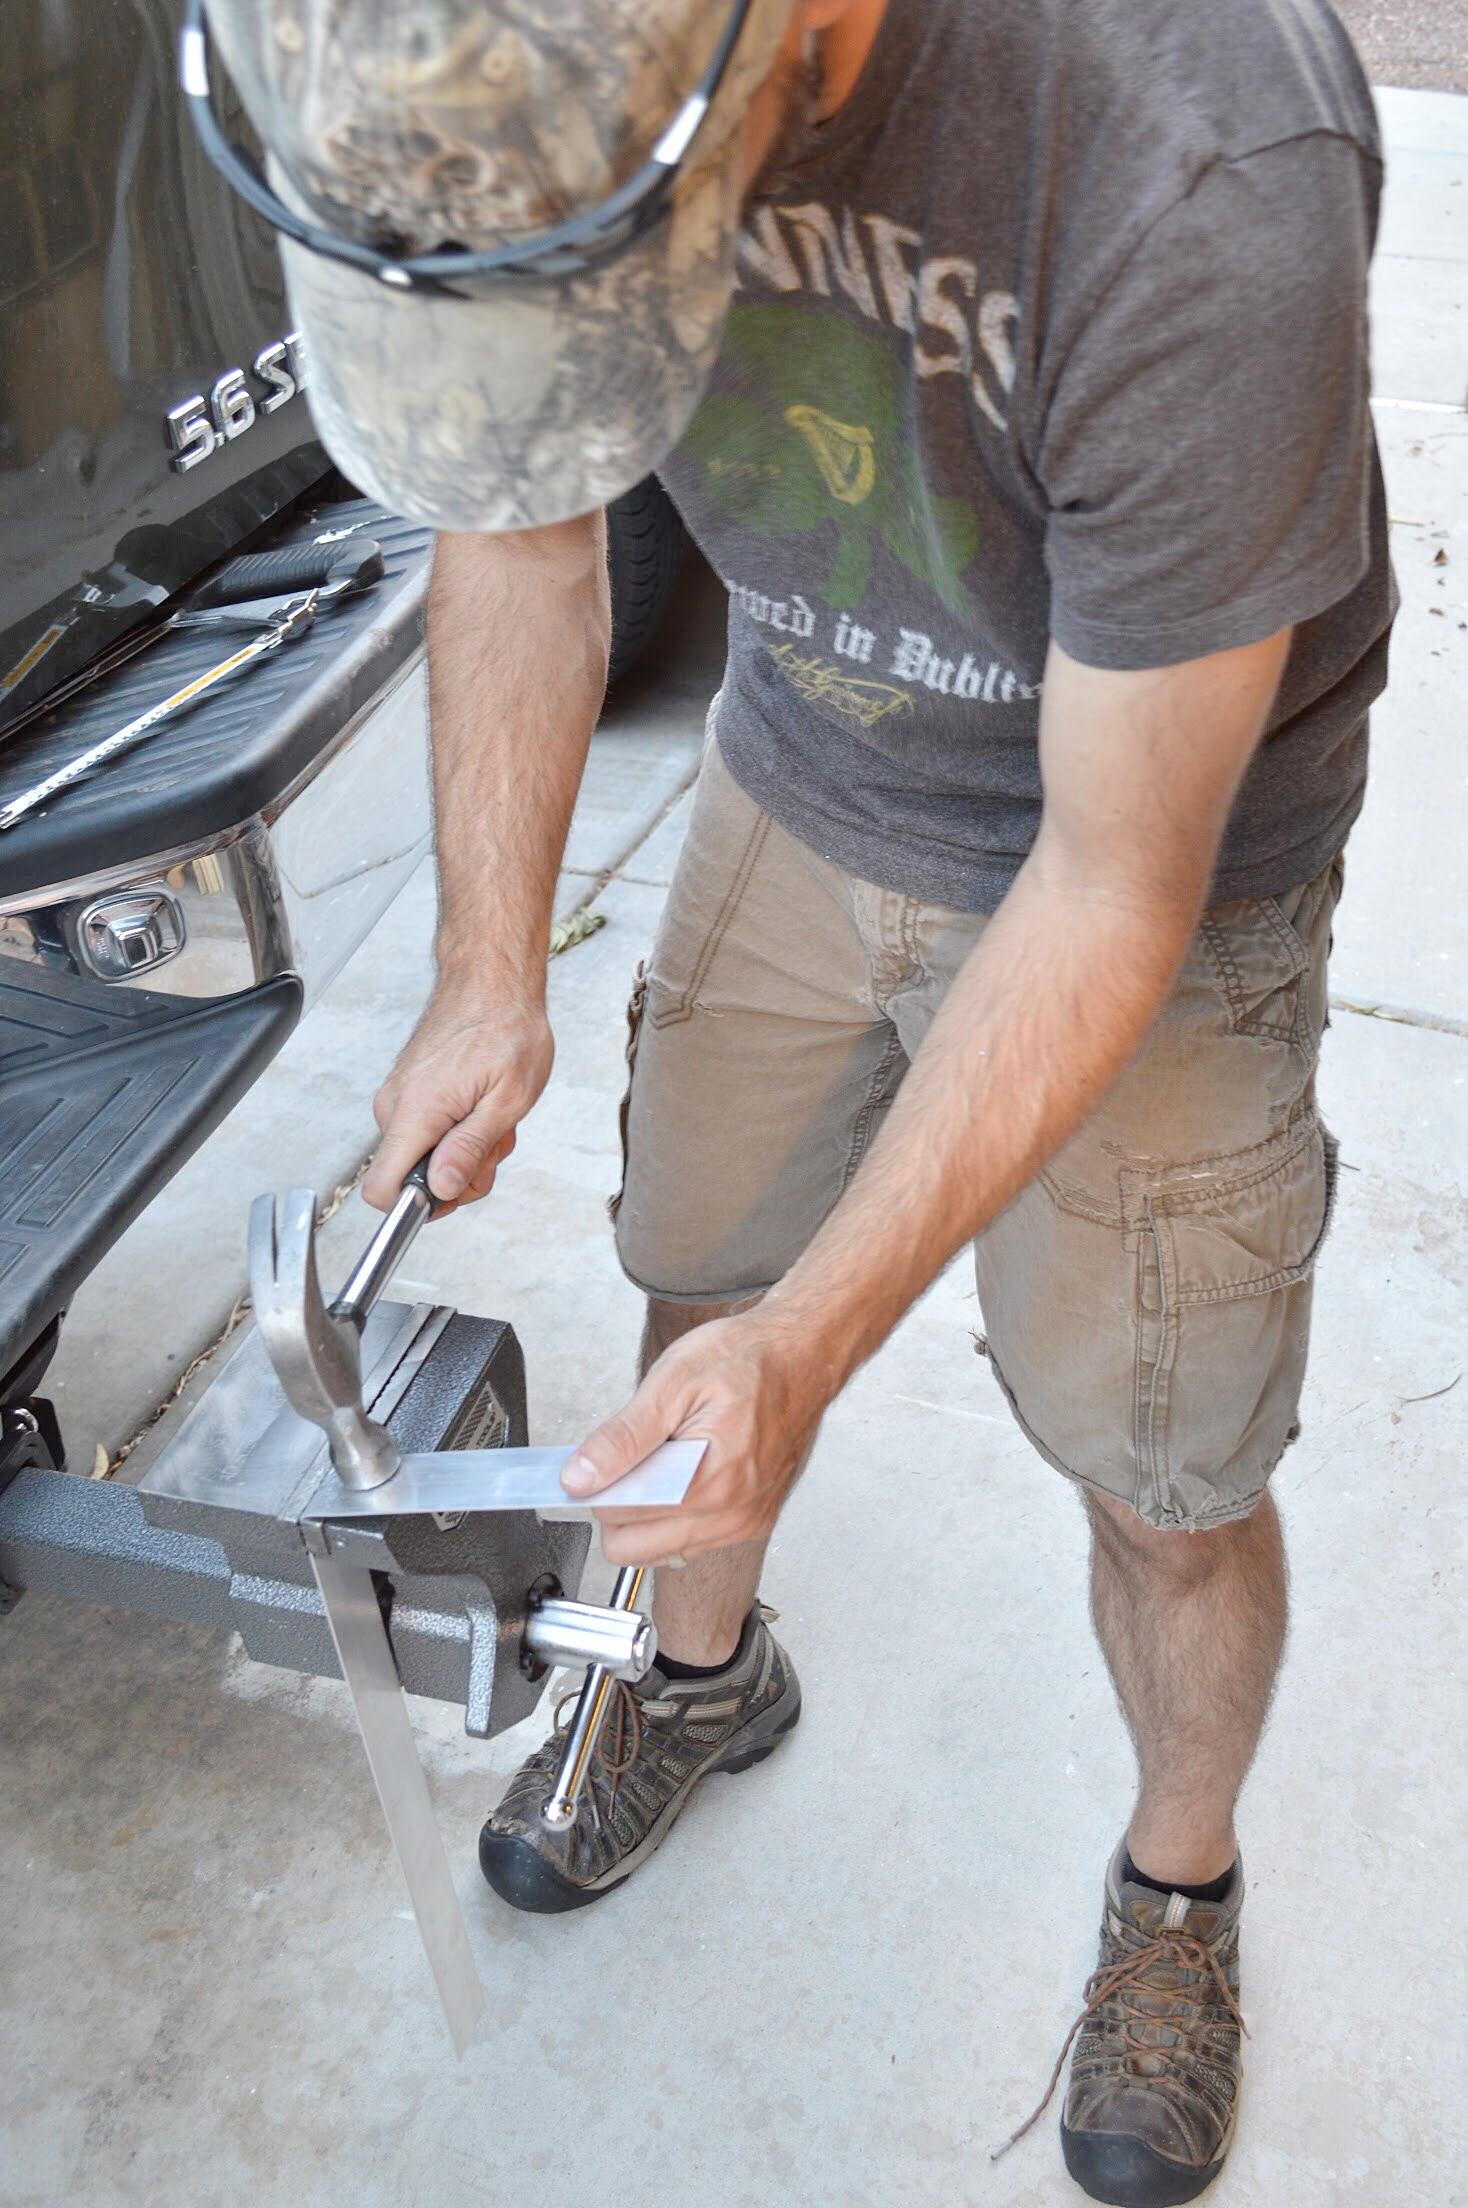 medición y corte de metal para vigas de madera